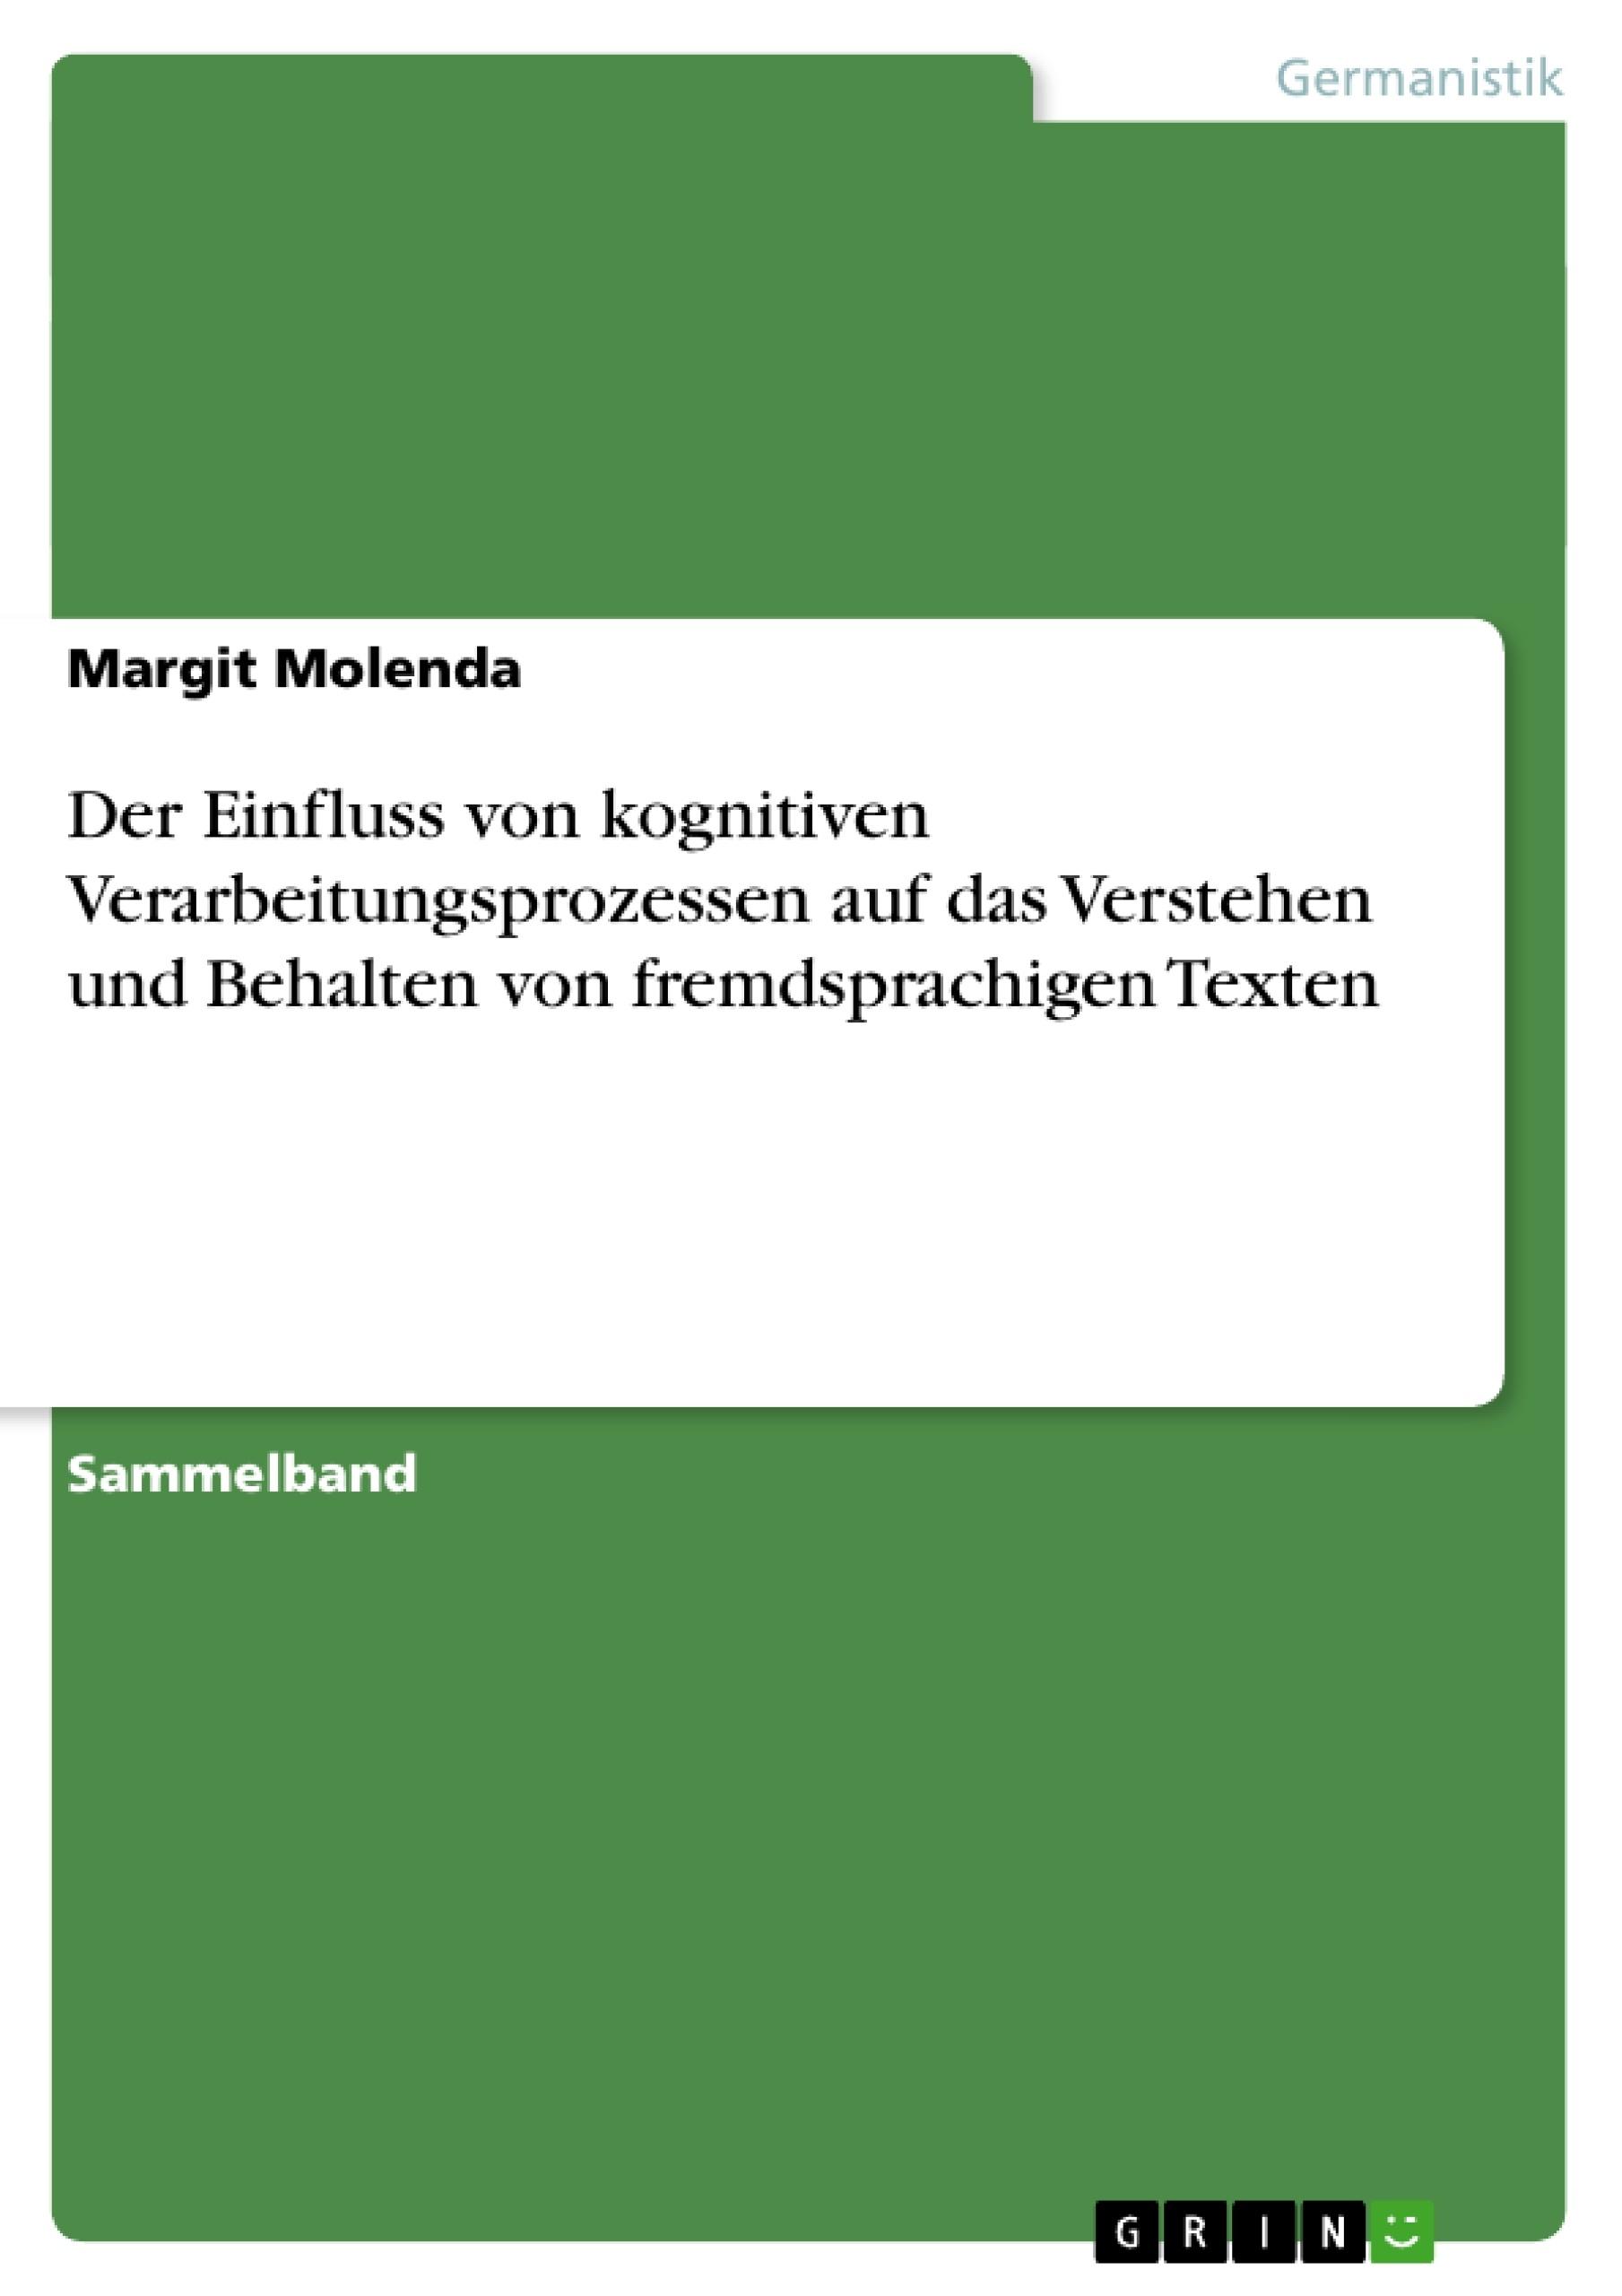 Titel: Der Einfluss von kognitiven Verarbeitungsprozessen auf das Verstehen und Behalten von fremdsprachigen Texten